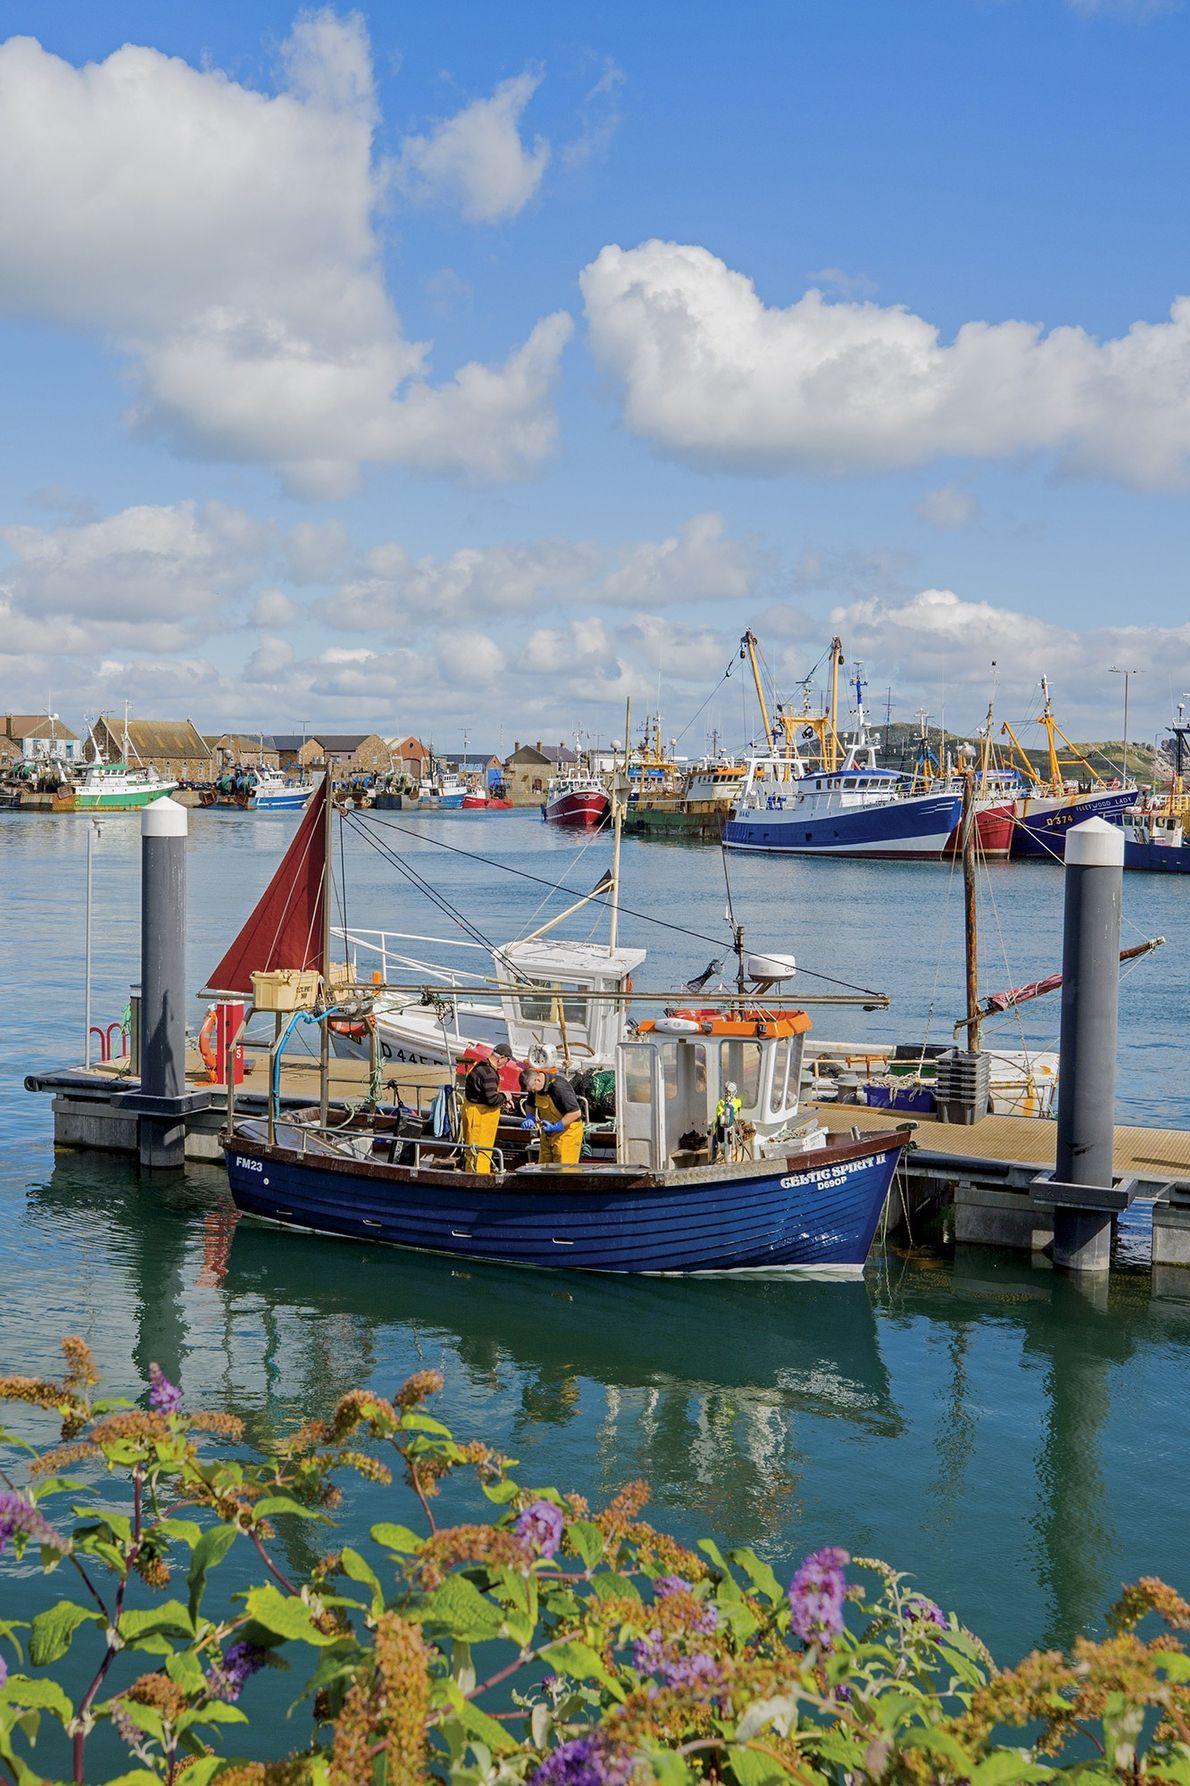 Deux hommes travaillent durement sur un bateau de pêche dans le village de Howth, la péninsule ...